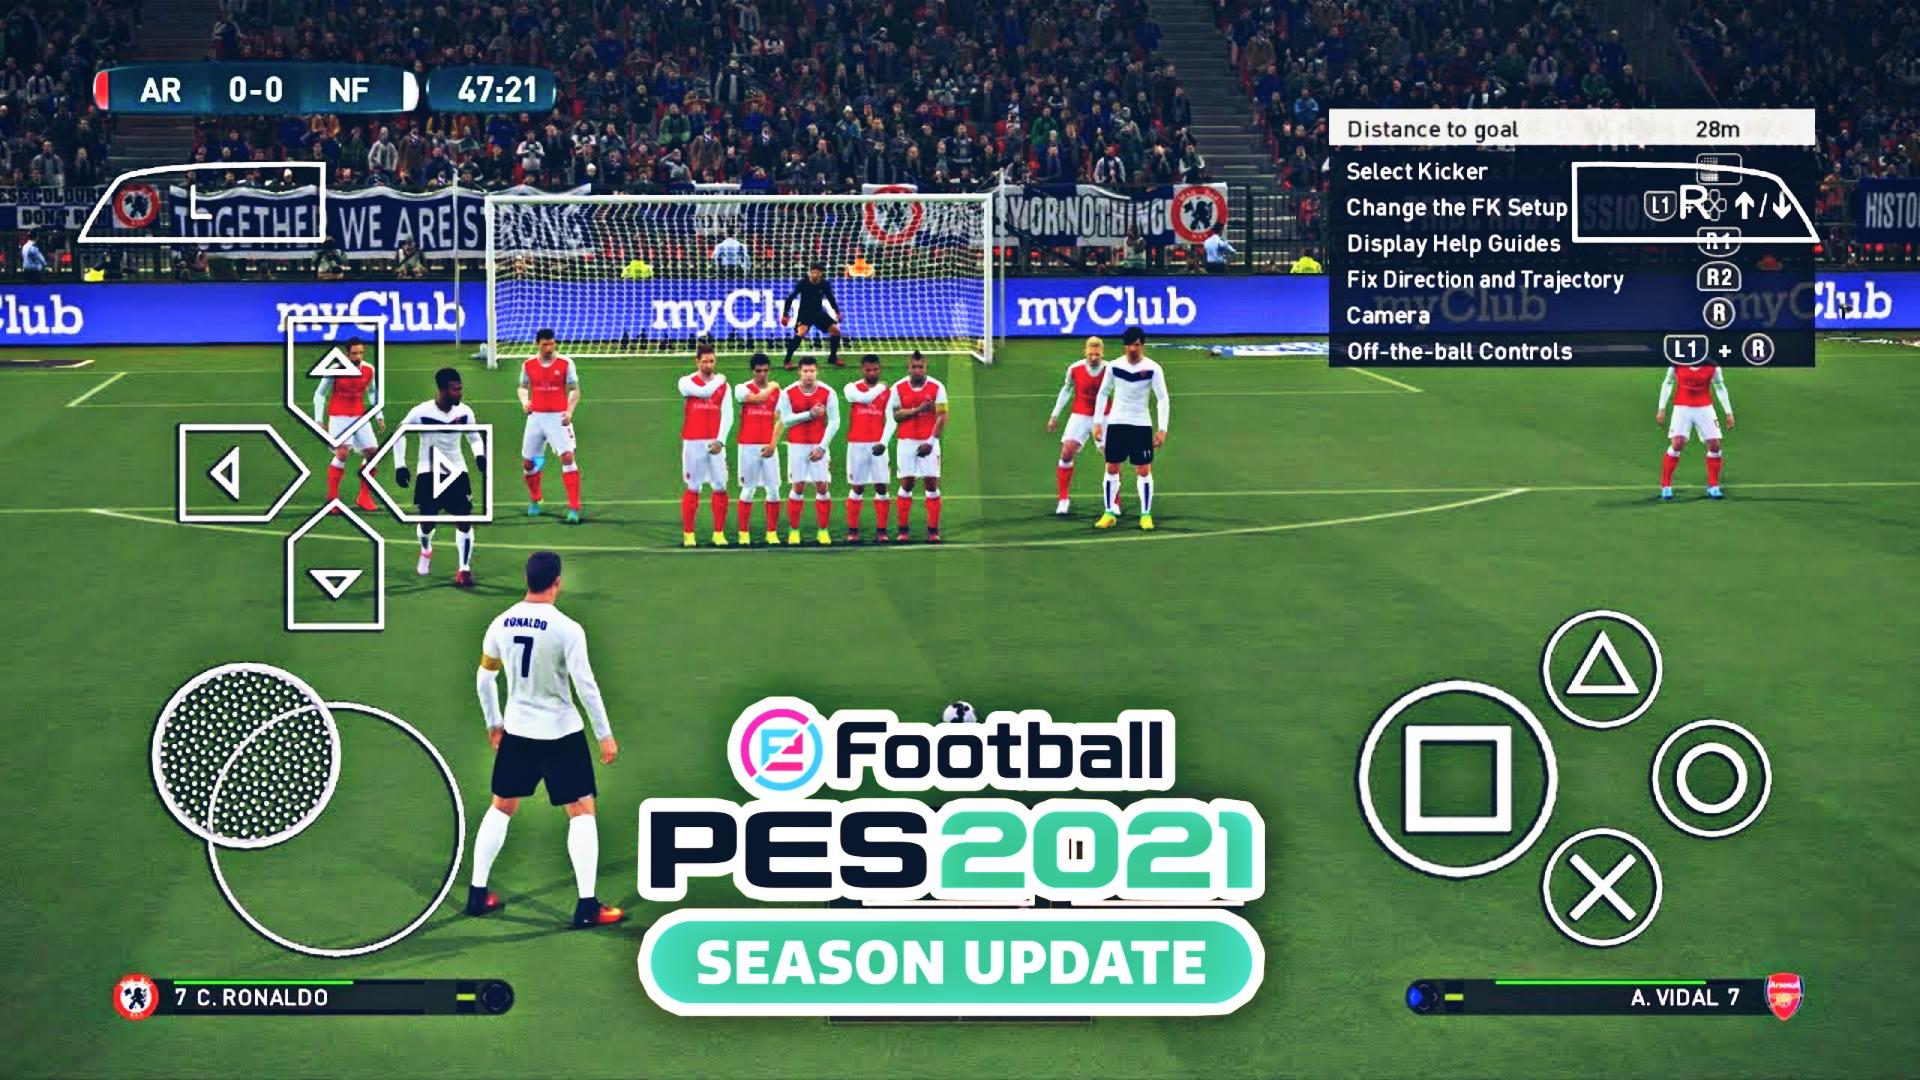 تحميل لعبة بيس PES 2021 بتعديلات خرافية تشتغل على جميع الأجهزة